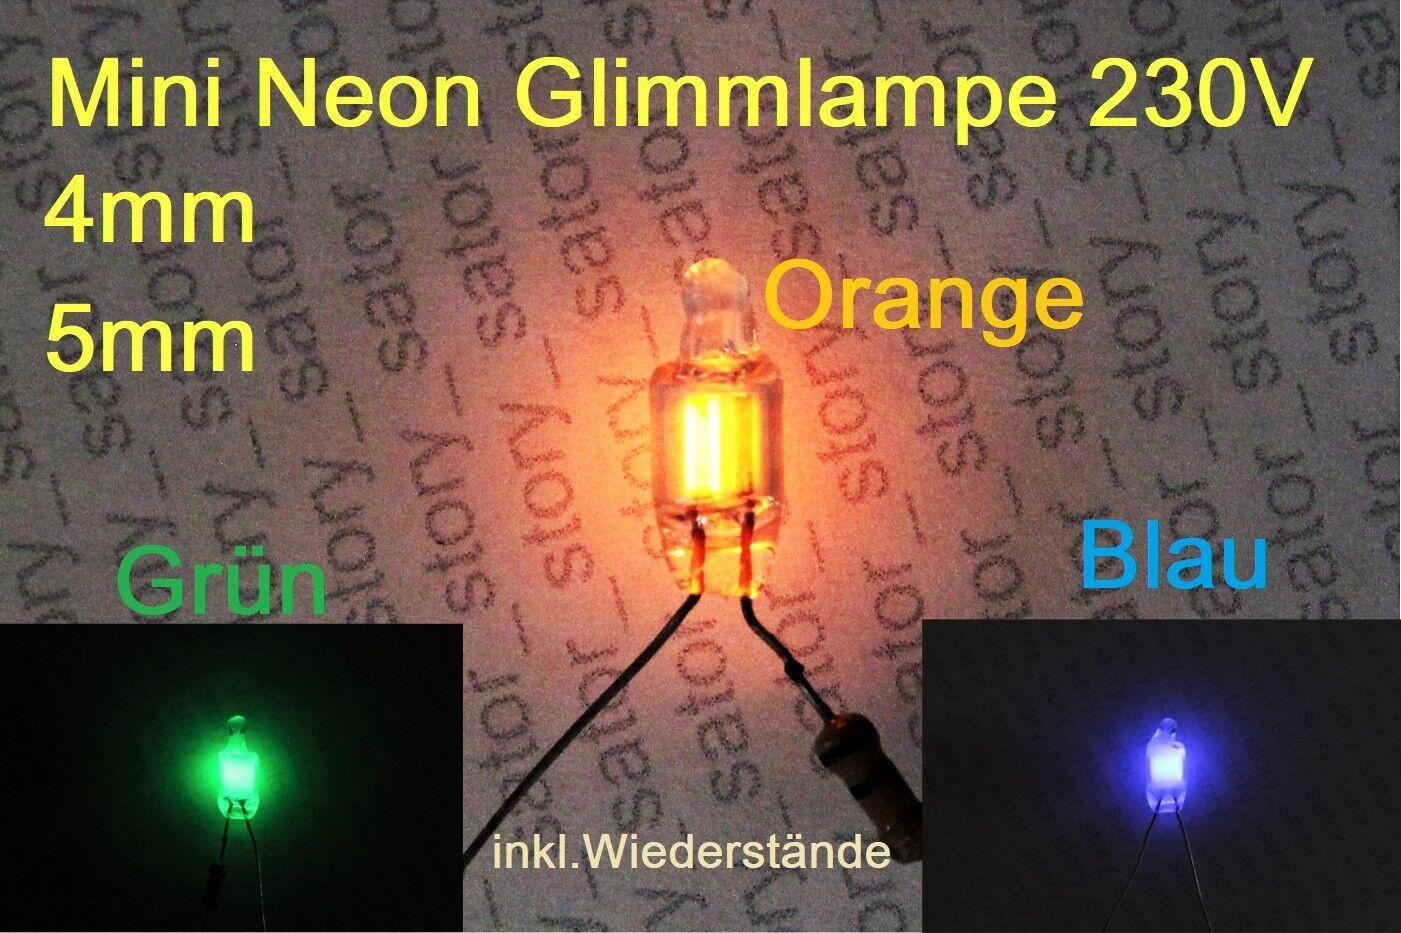 Mini Neon Glimmlampe 230V AC Neonleuchte Neon Indicator